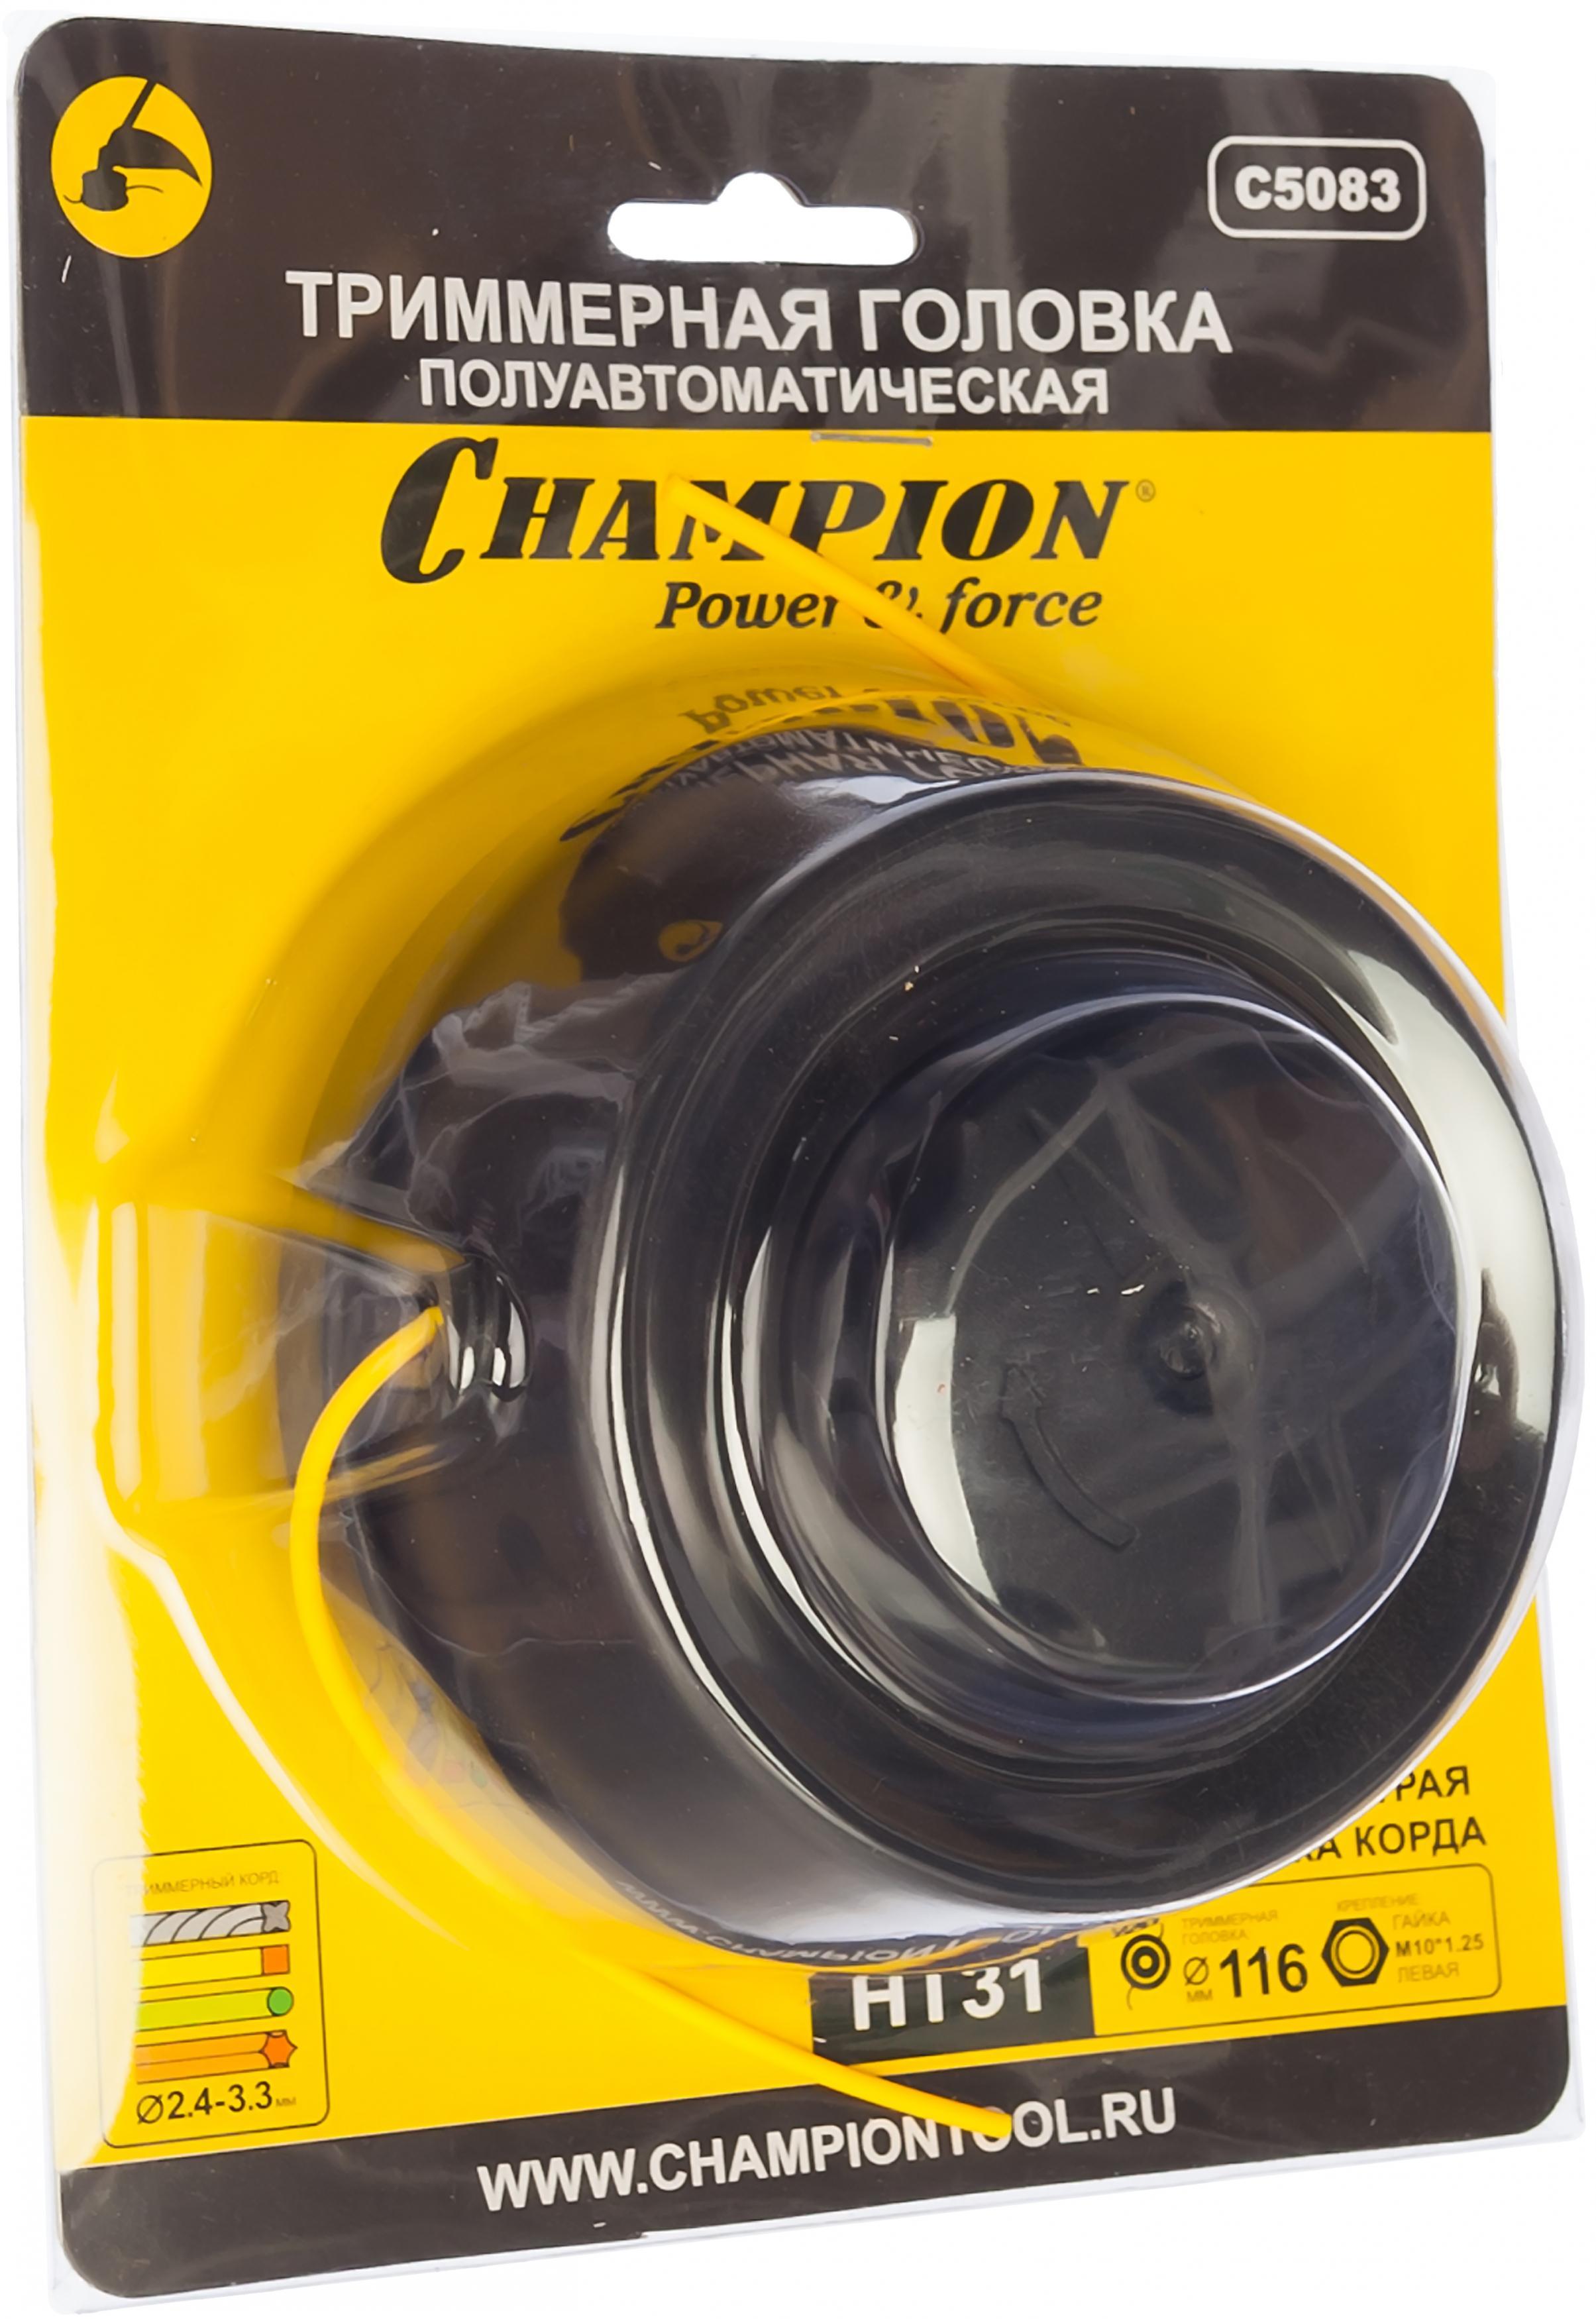 Триммерная катушка Champion C5083 триммерная катушка hammer 1101